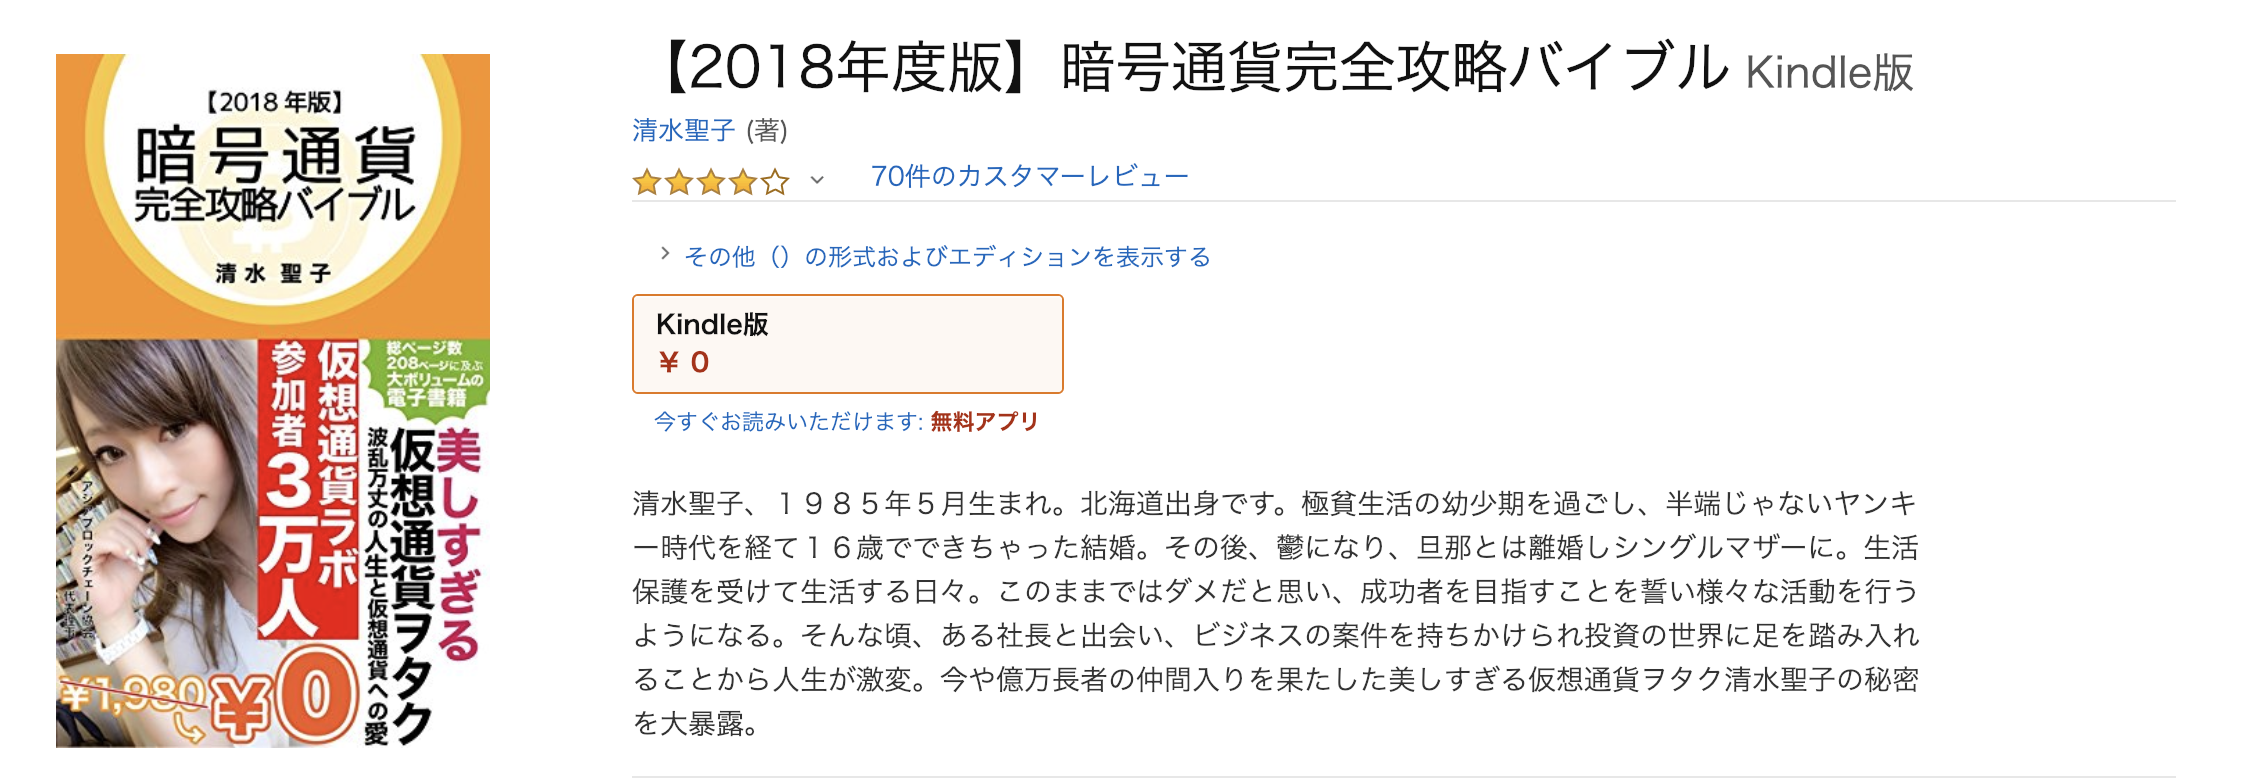 清水聖子のリンク(RINQ)書籍